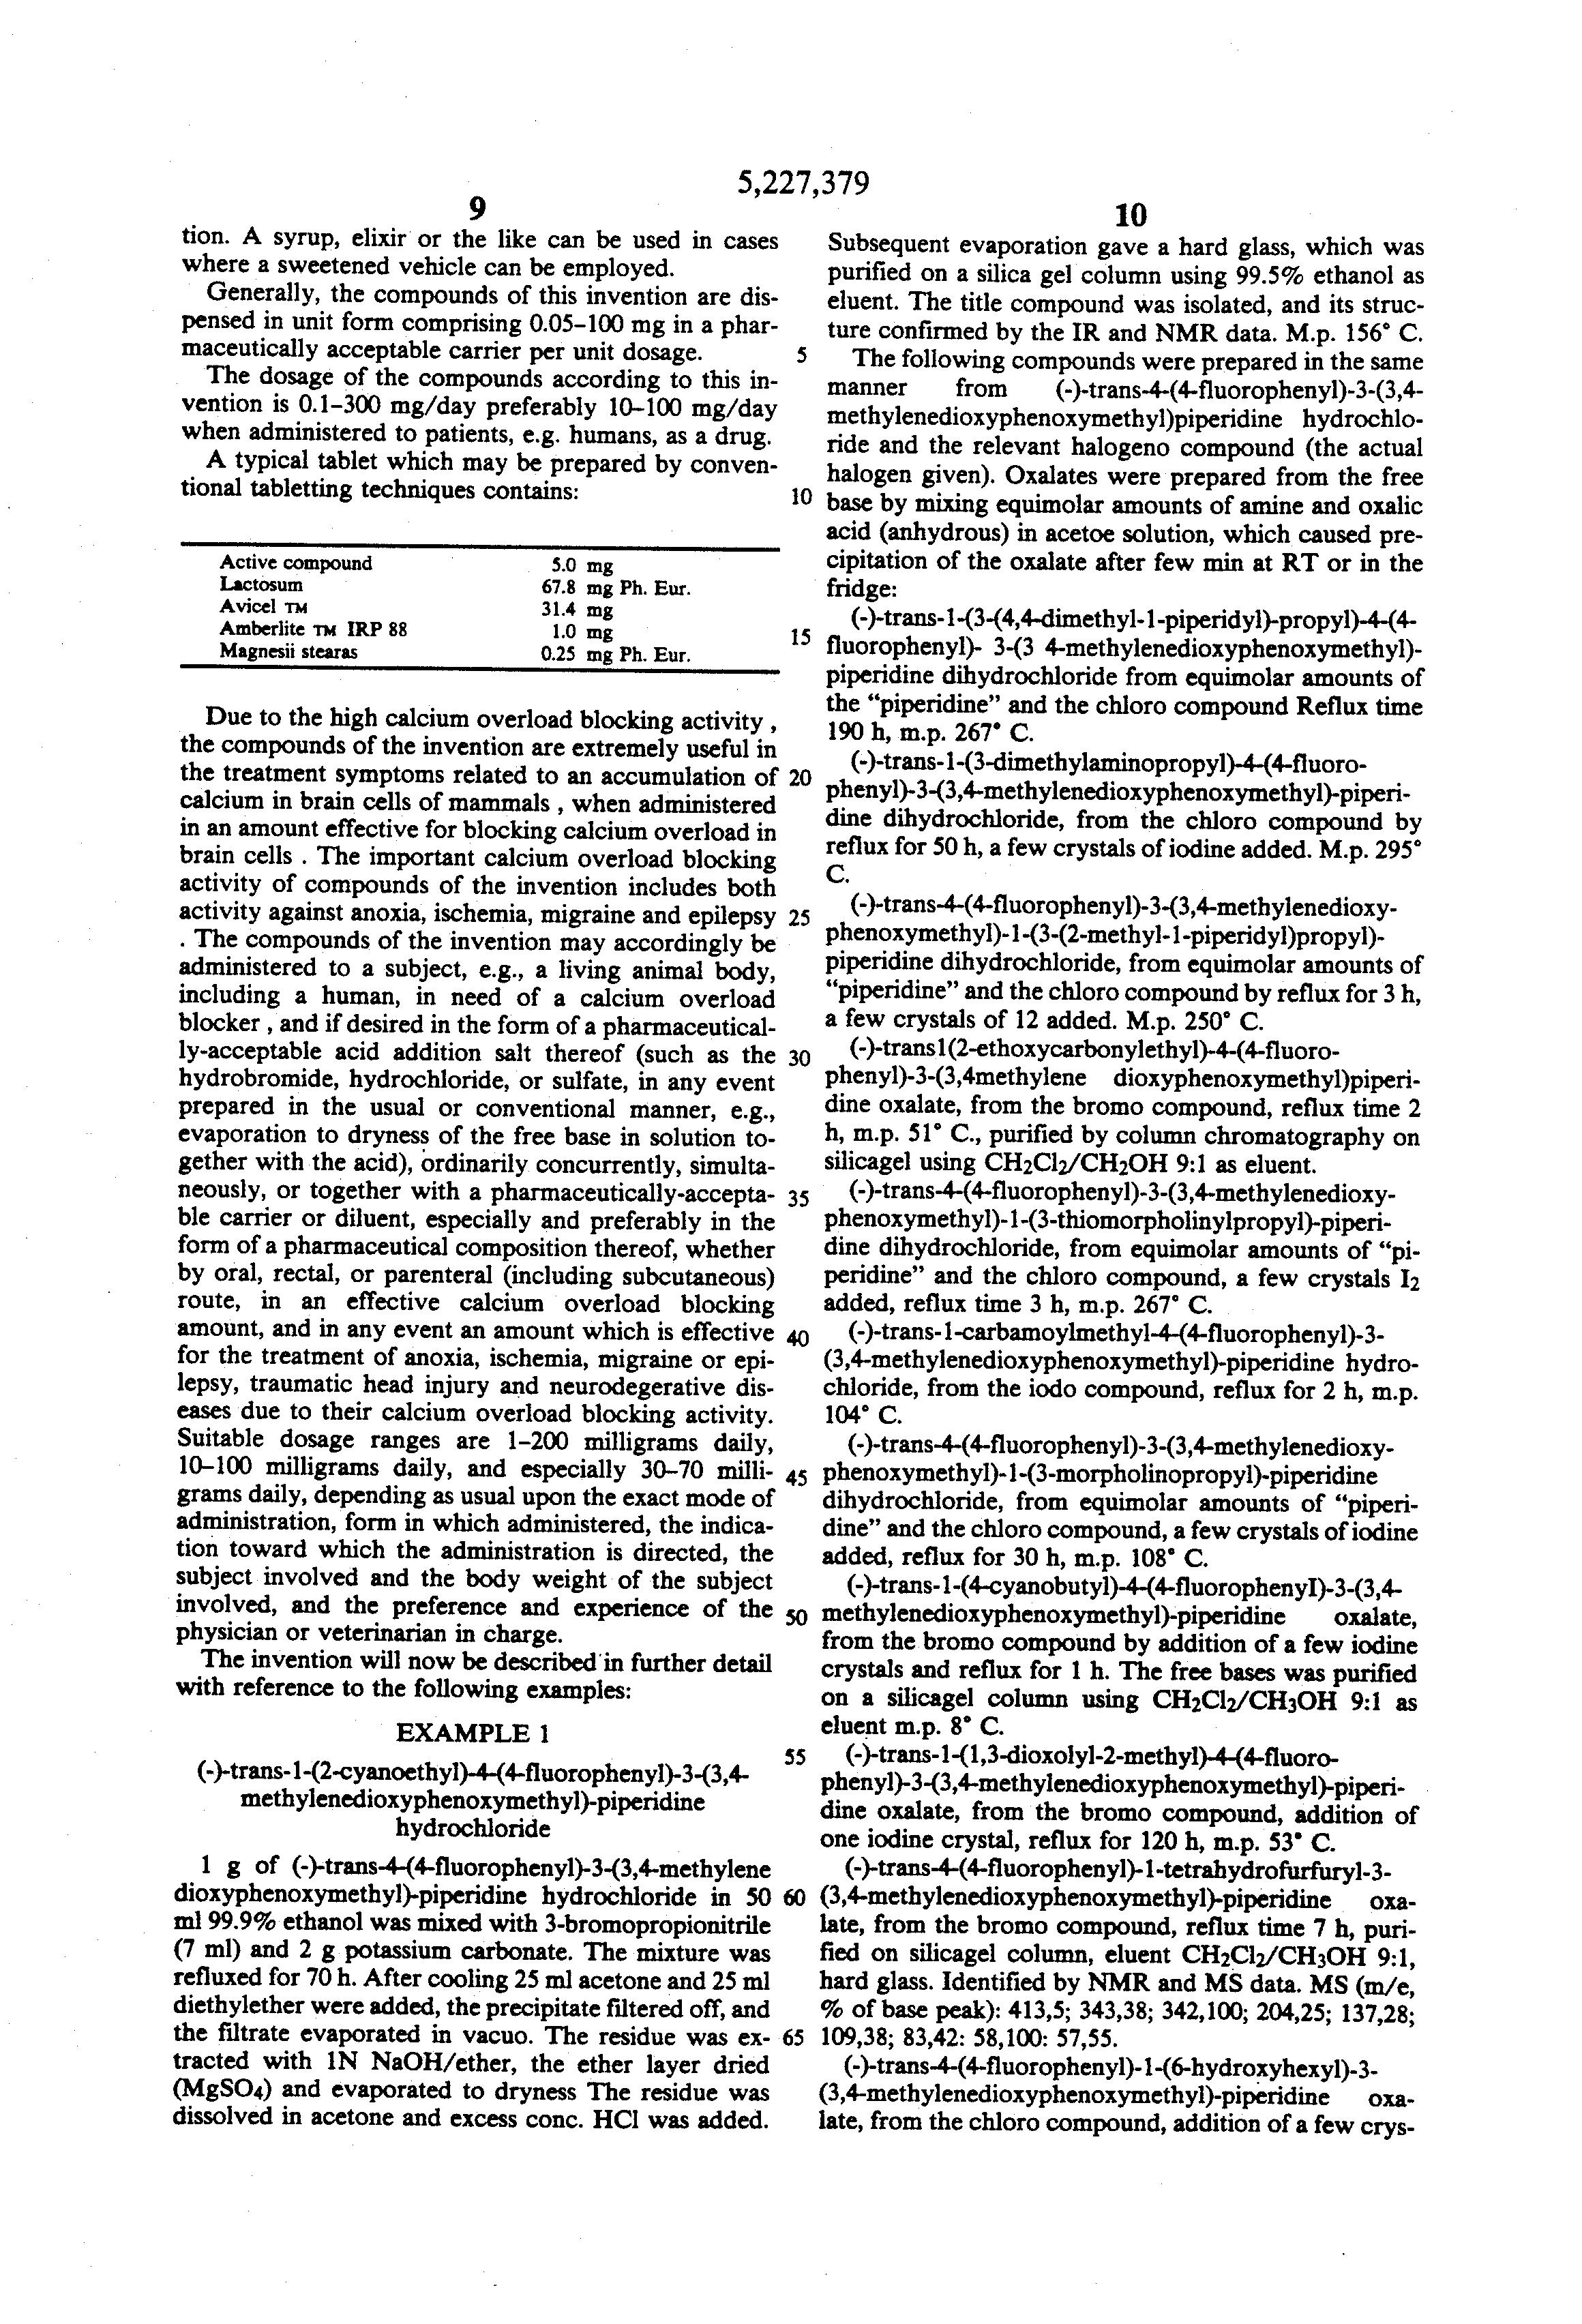 Prometrium pris apotek